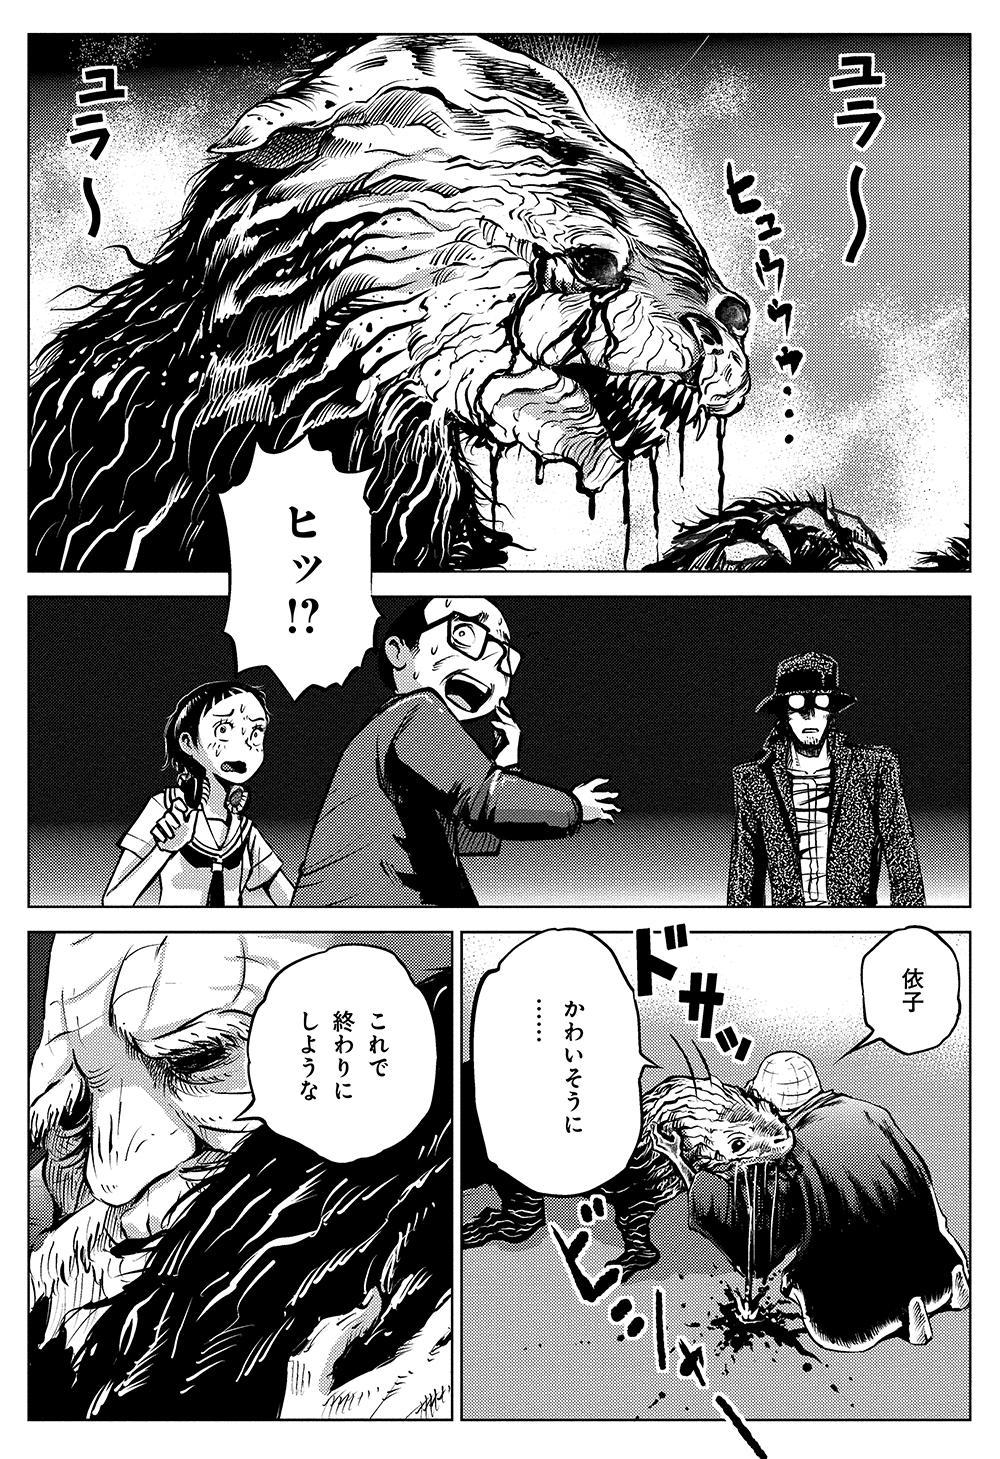 ことなかれ 第3話「革仔玉」②kotonakare01-26.jpg